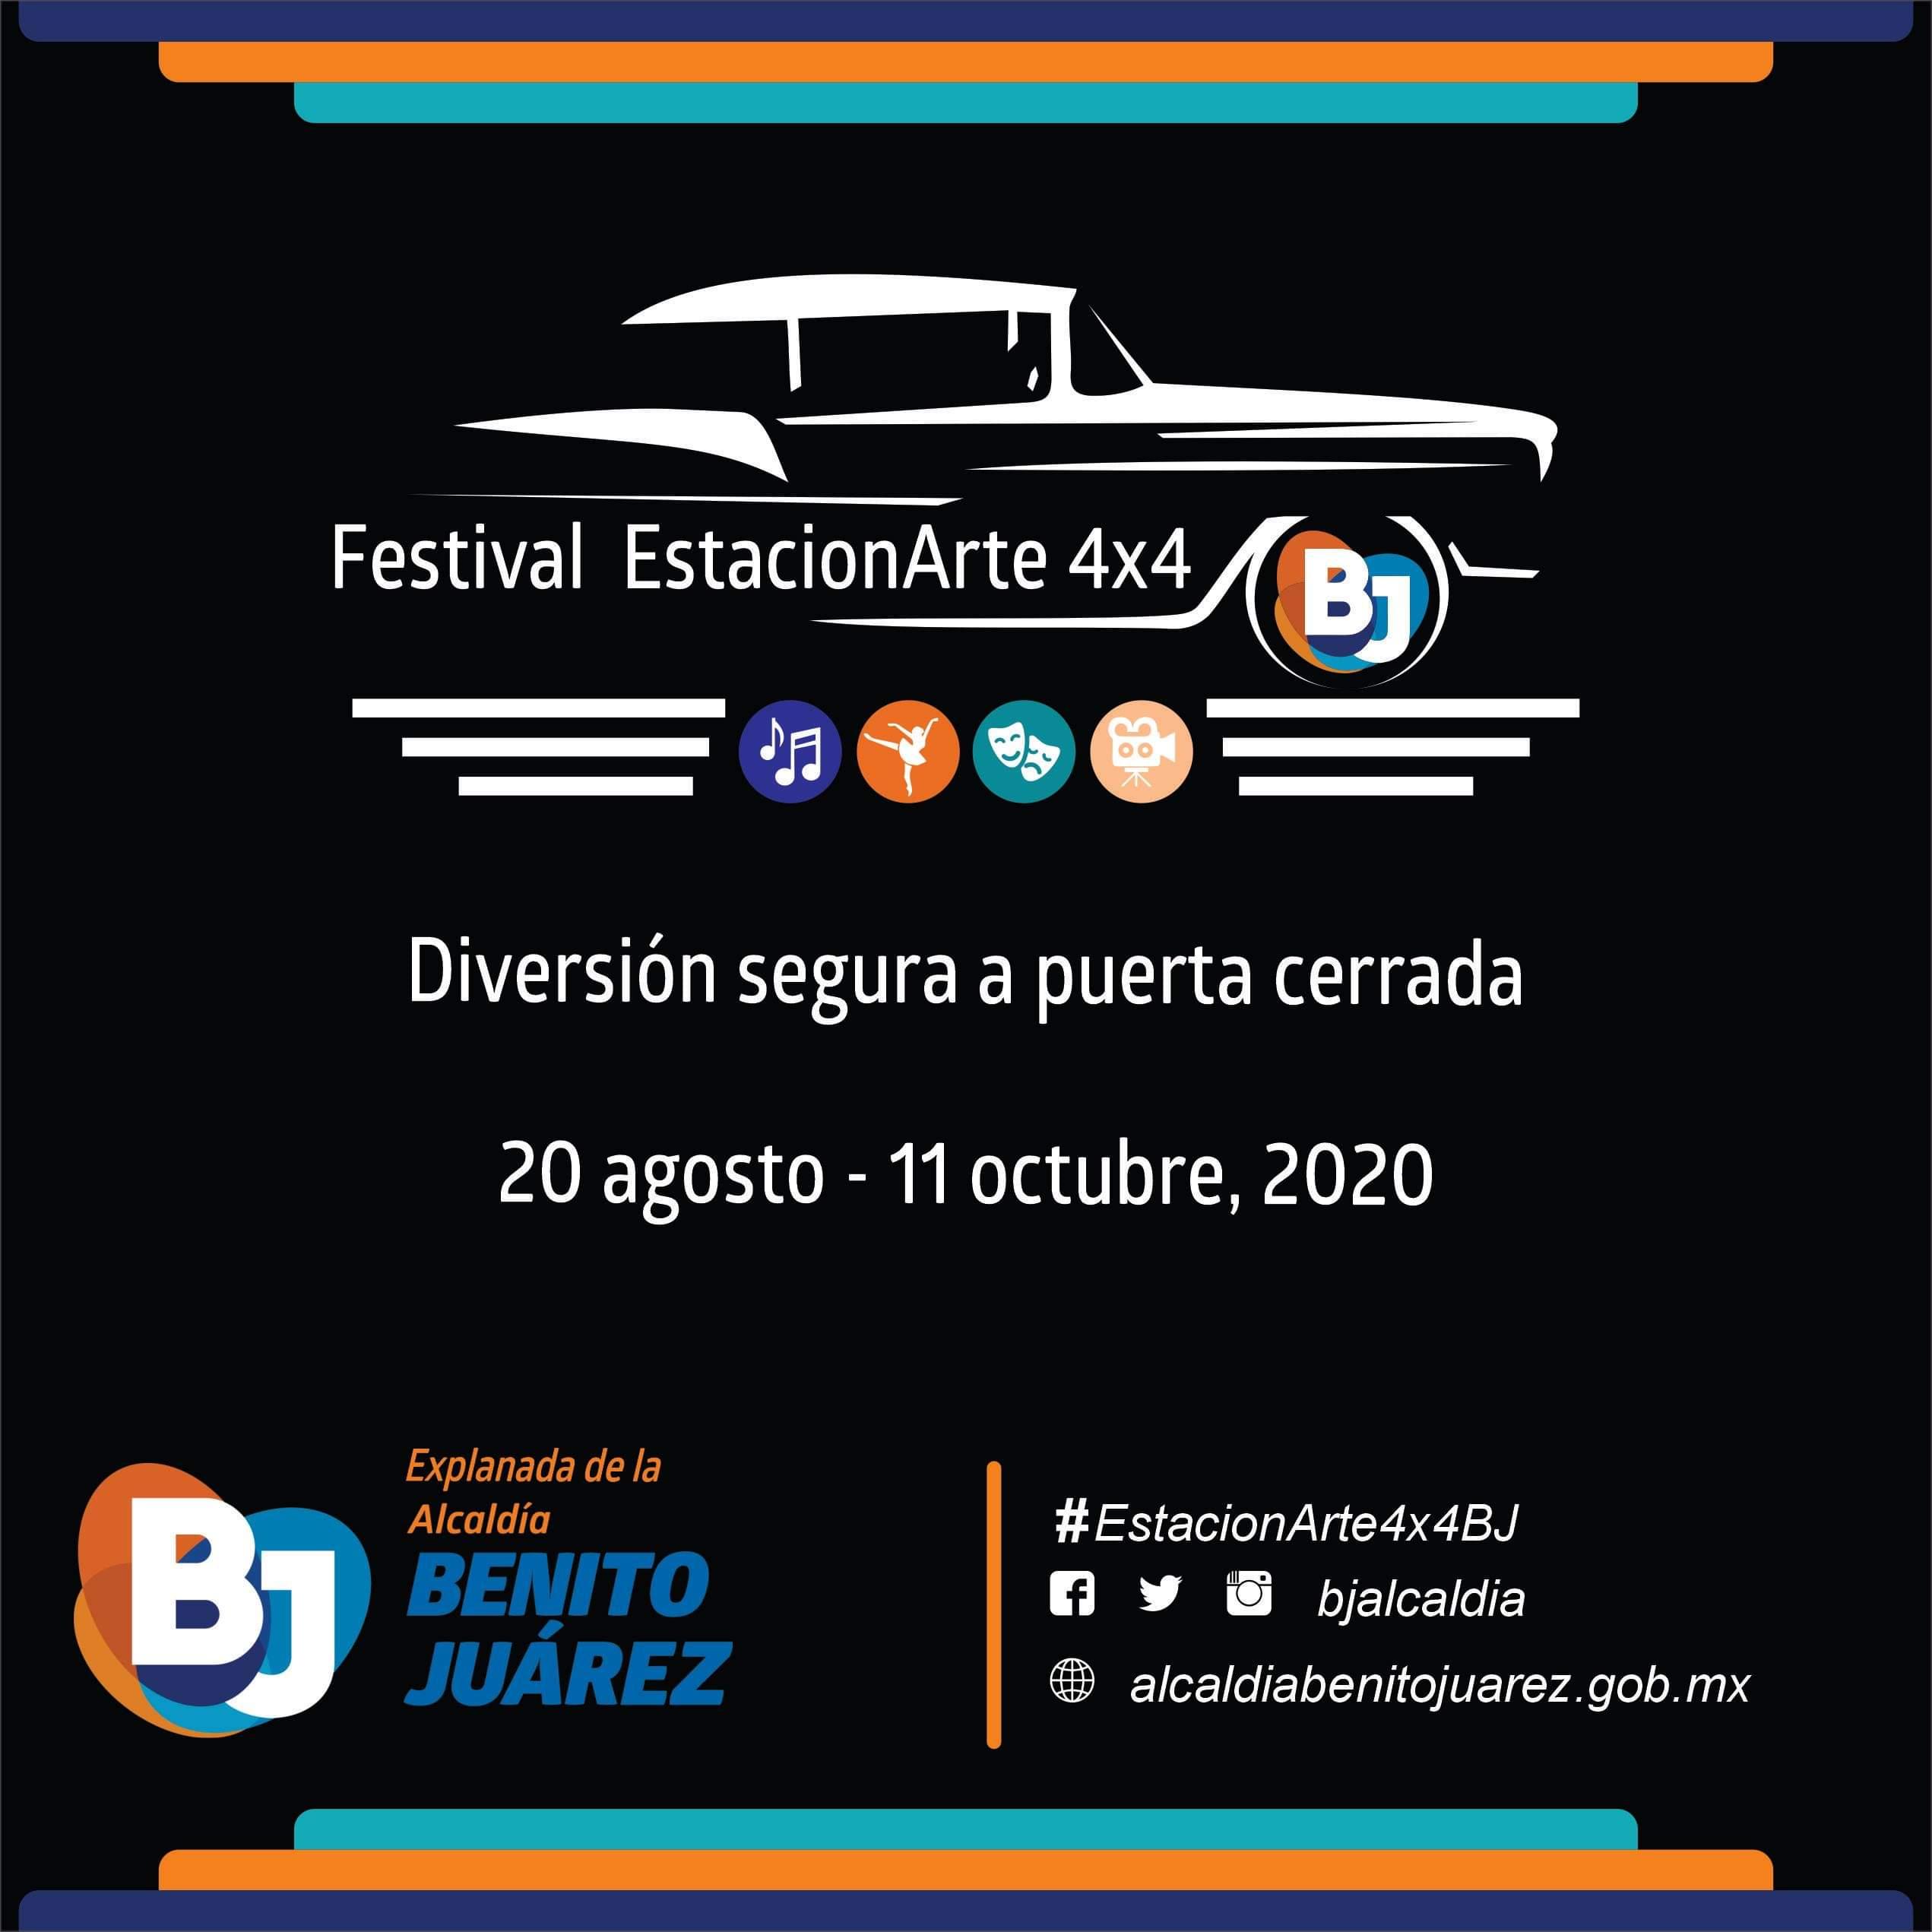 BIENVENIDOS A LA NUEVA NORMALIDAD: Festival  EstacionArte 4×4 BJ.